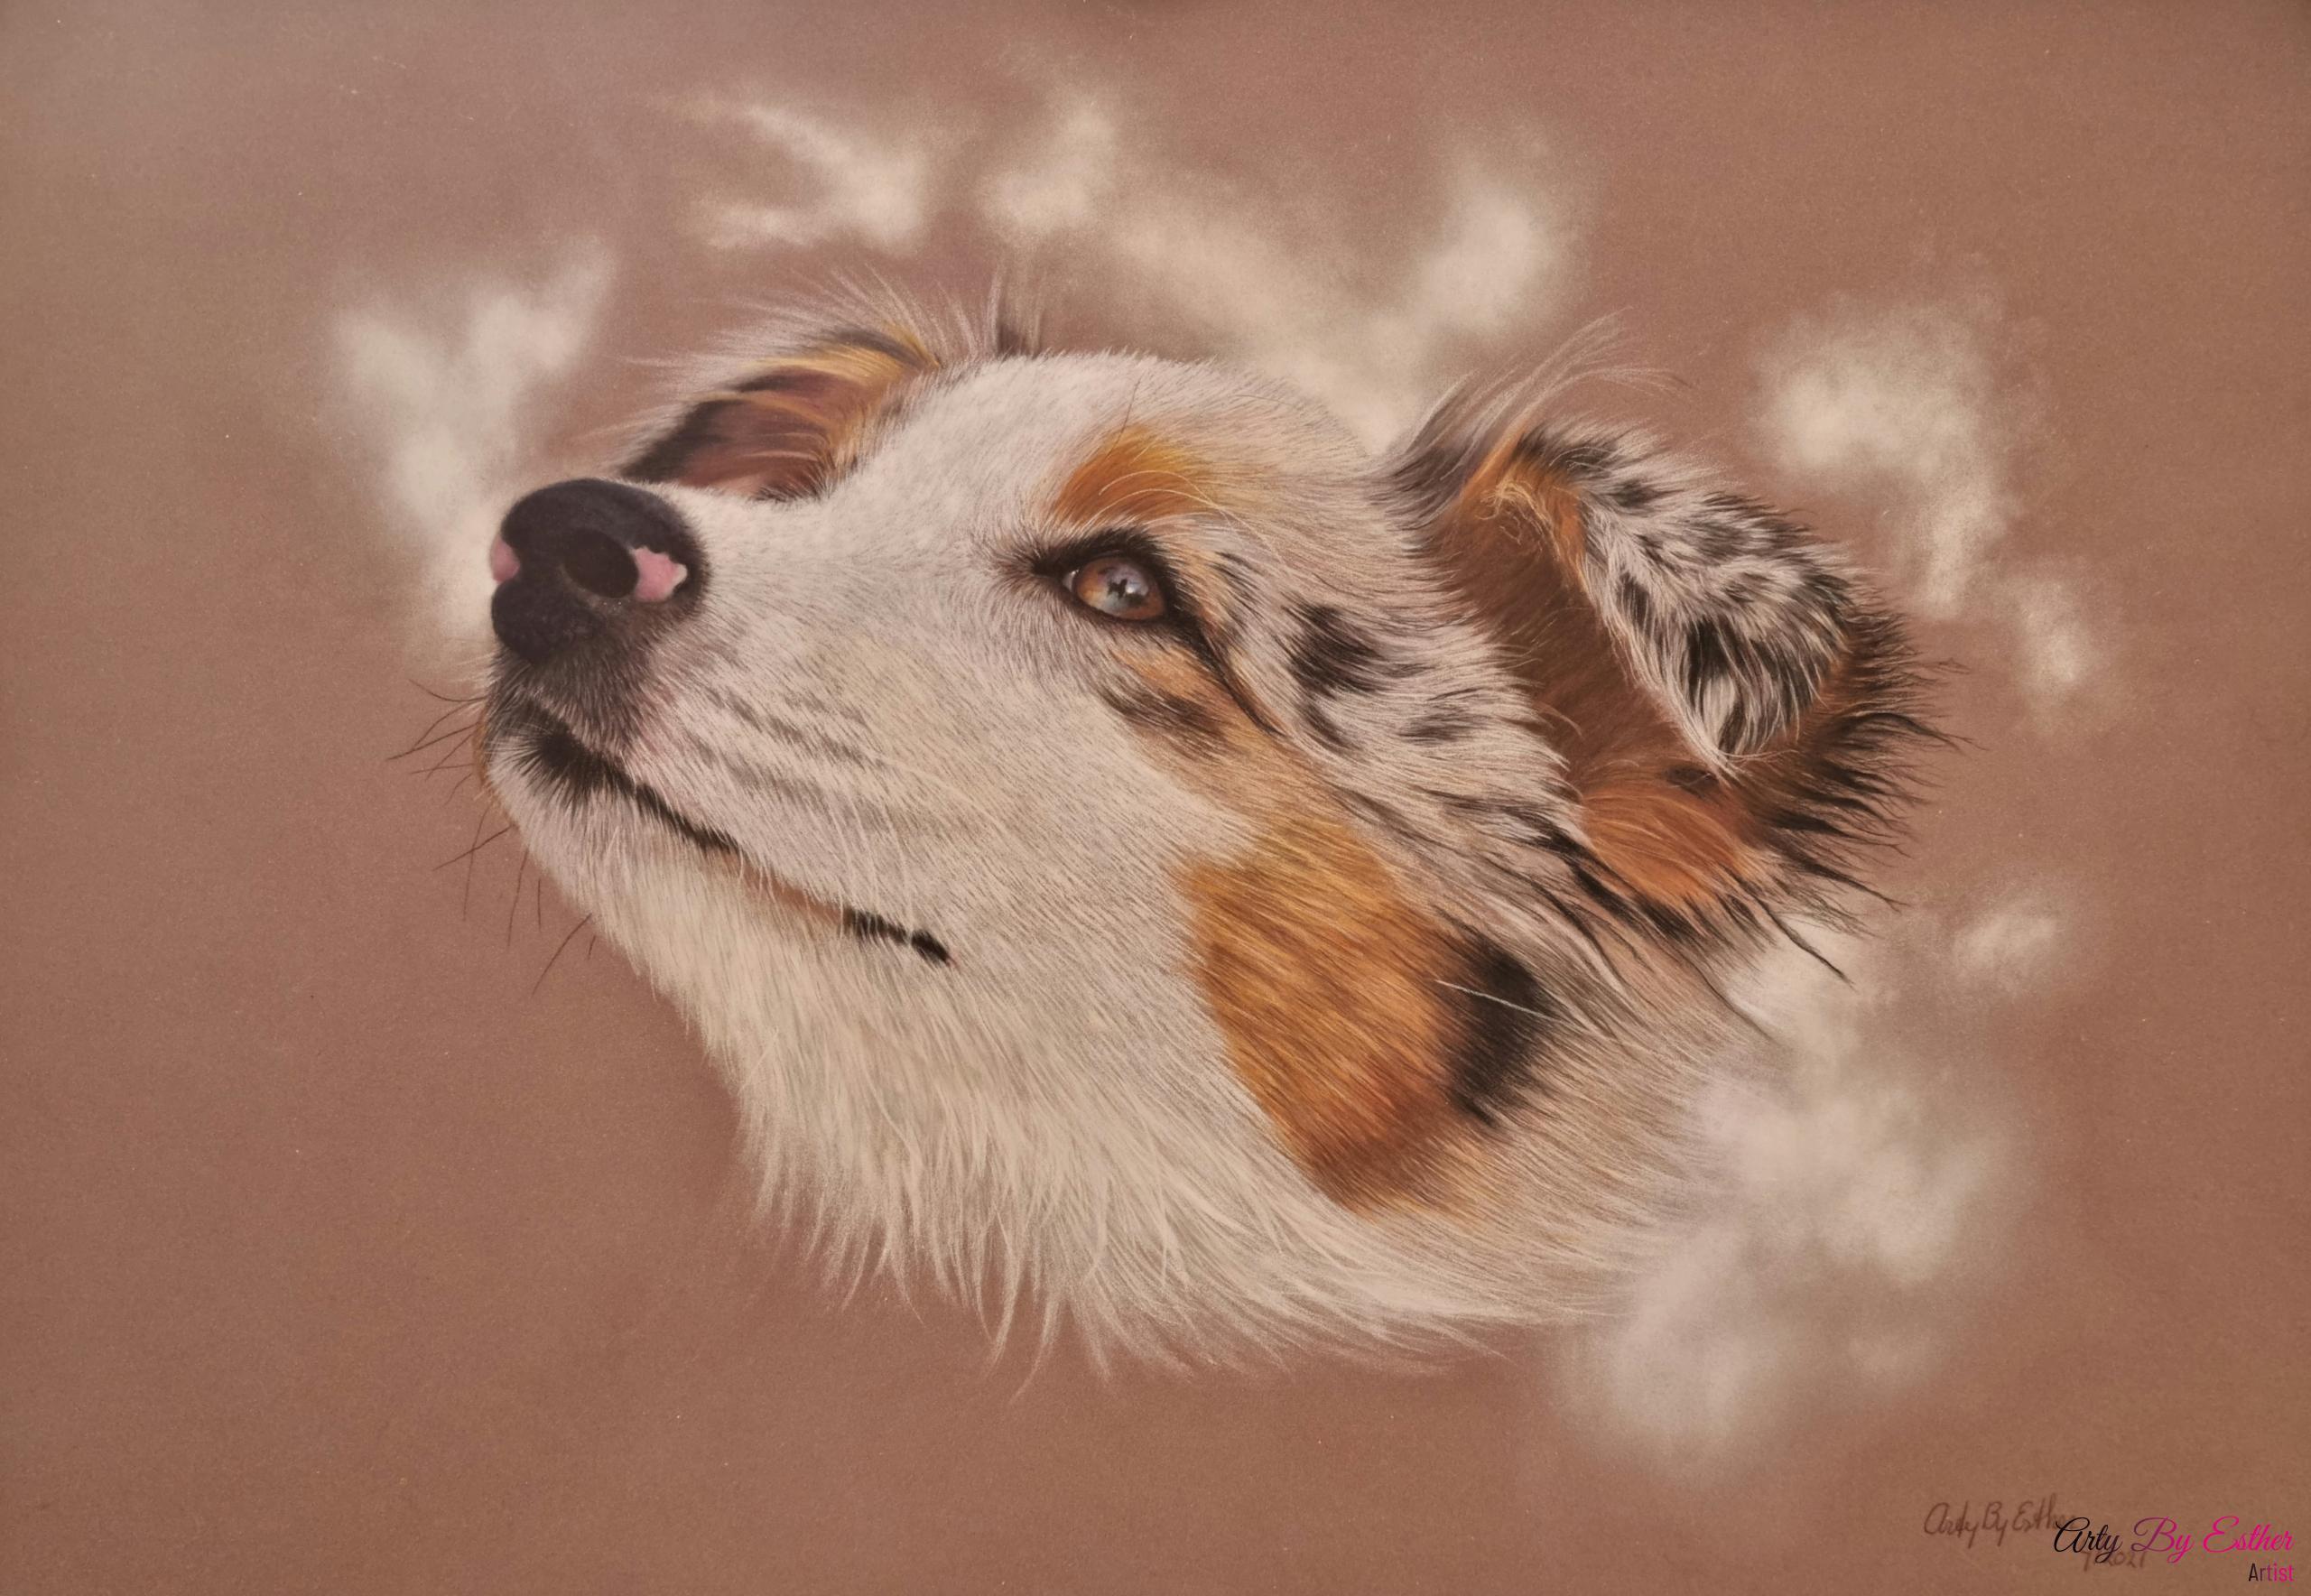 Australin sheperd dog pastelpainting